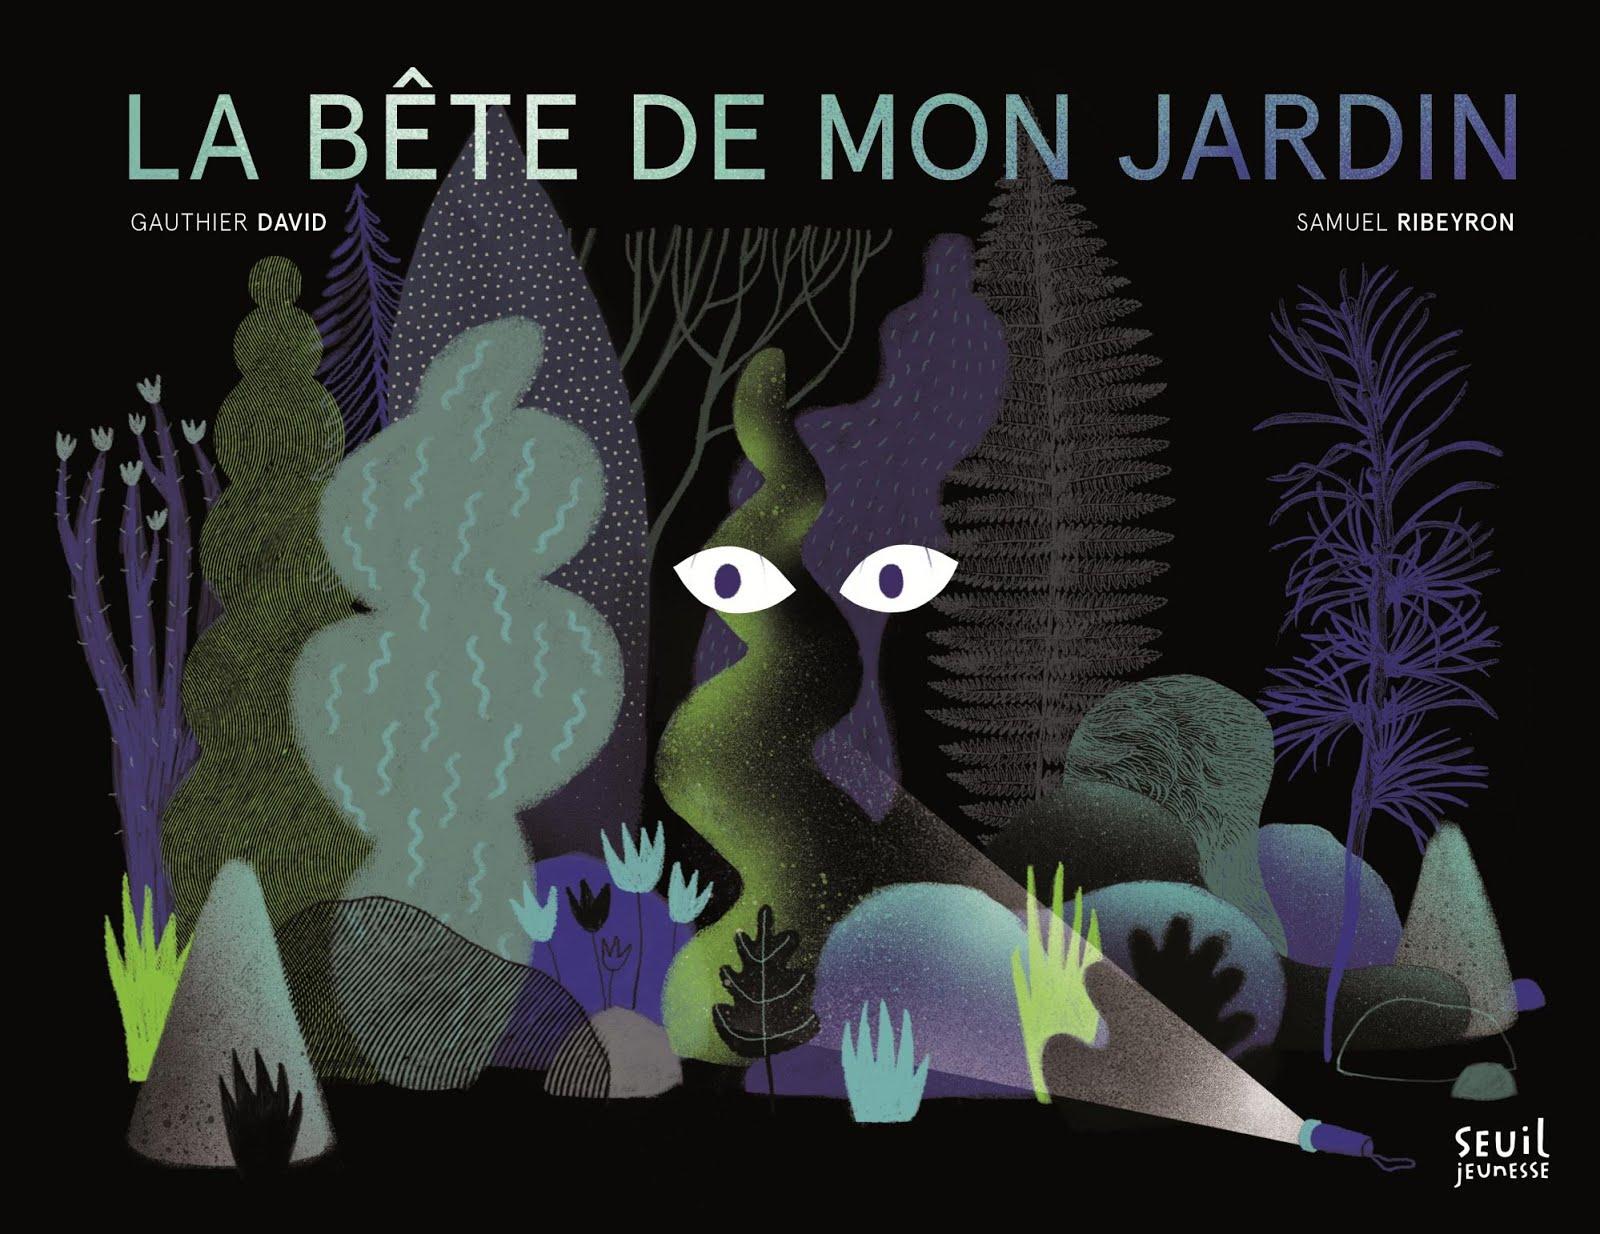 LA BETE DE MON JARDIN